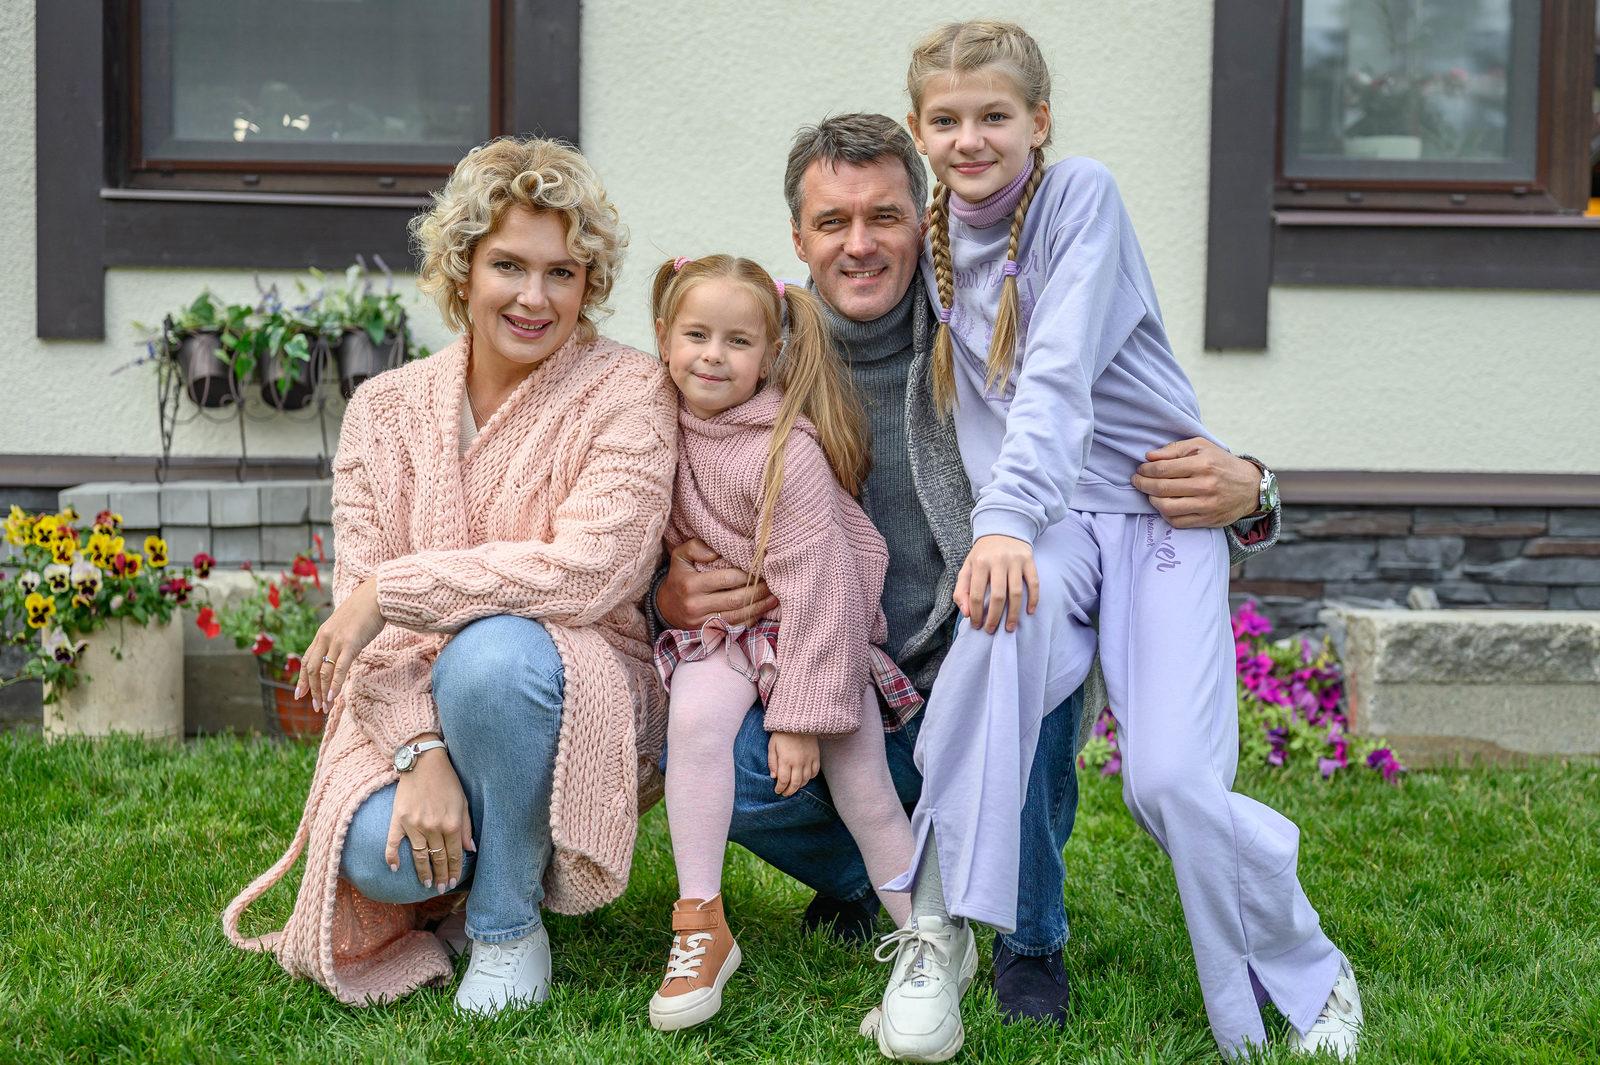 Стартовали съёмки второго сезона «Медиума» с Марией Порошиной и Павлом Трубинером